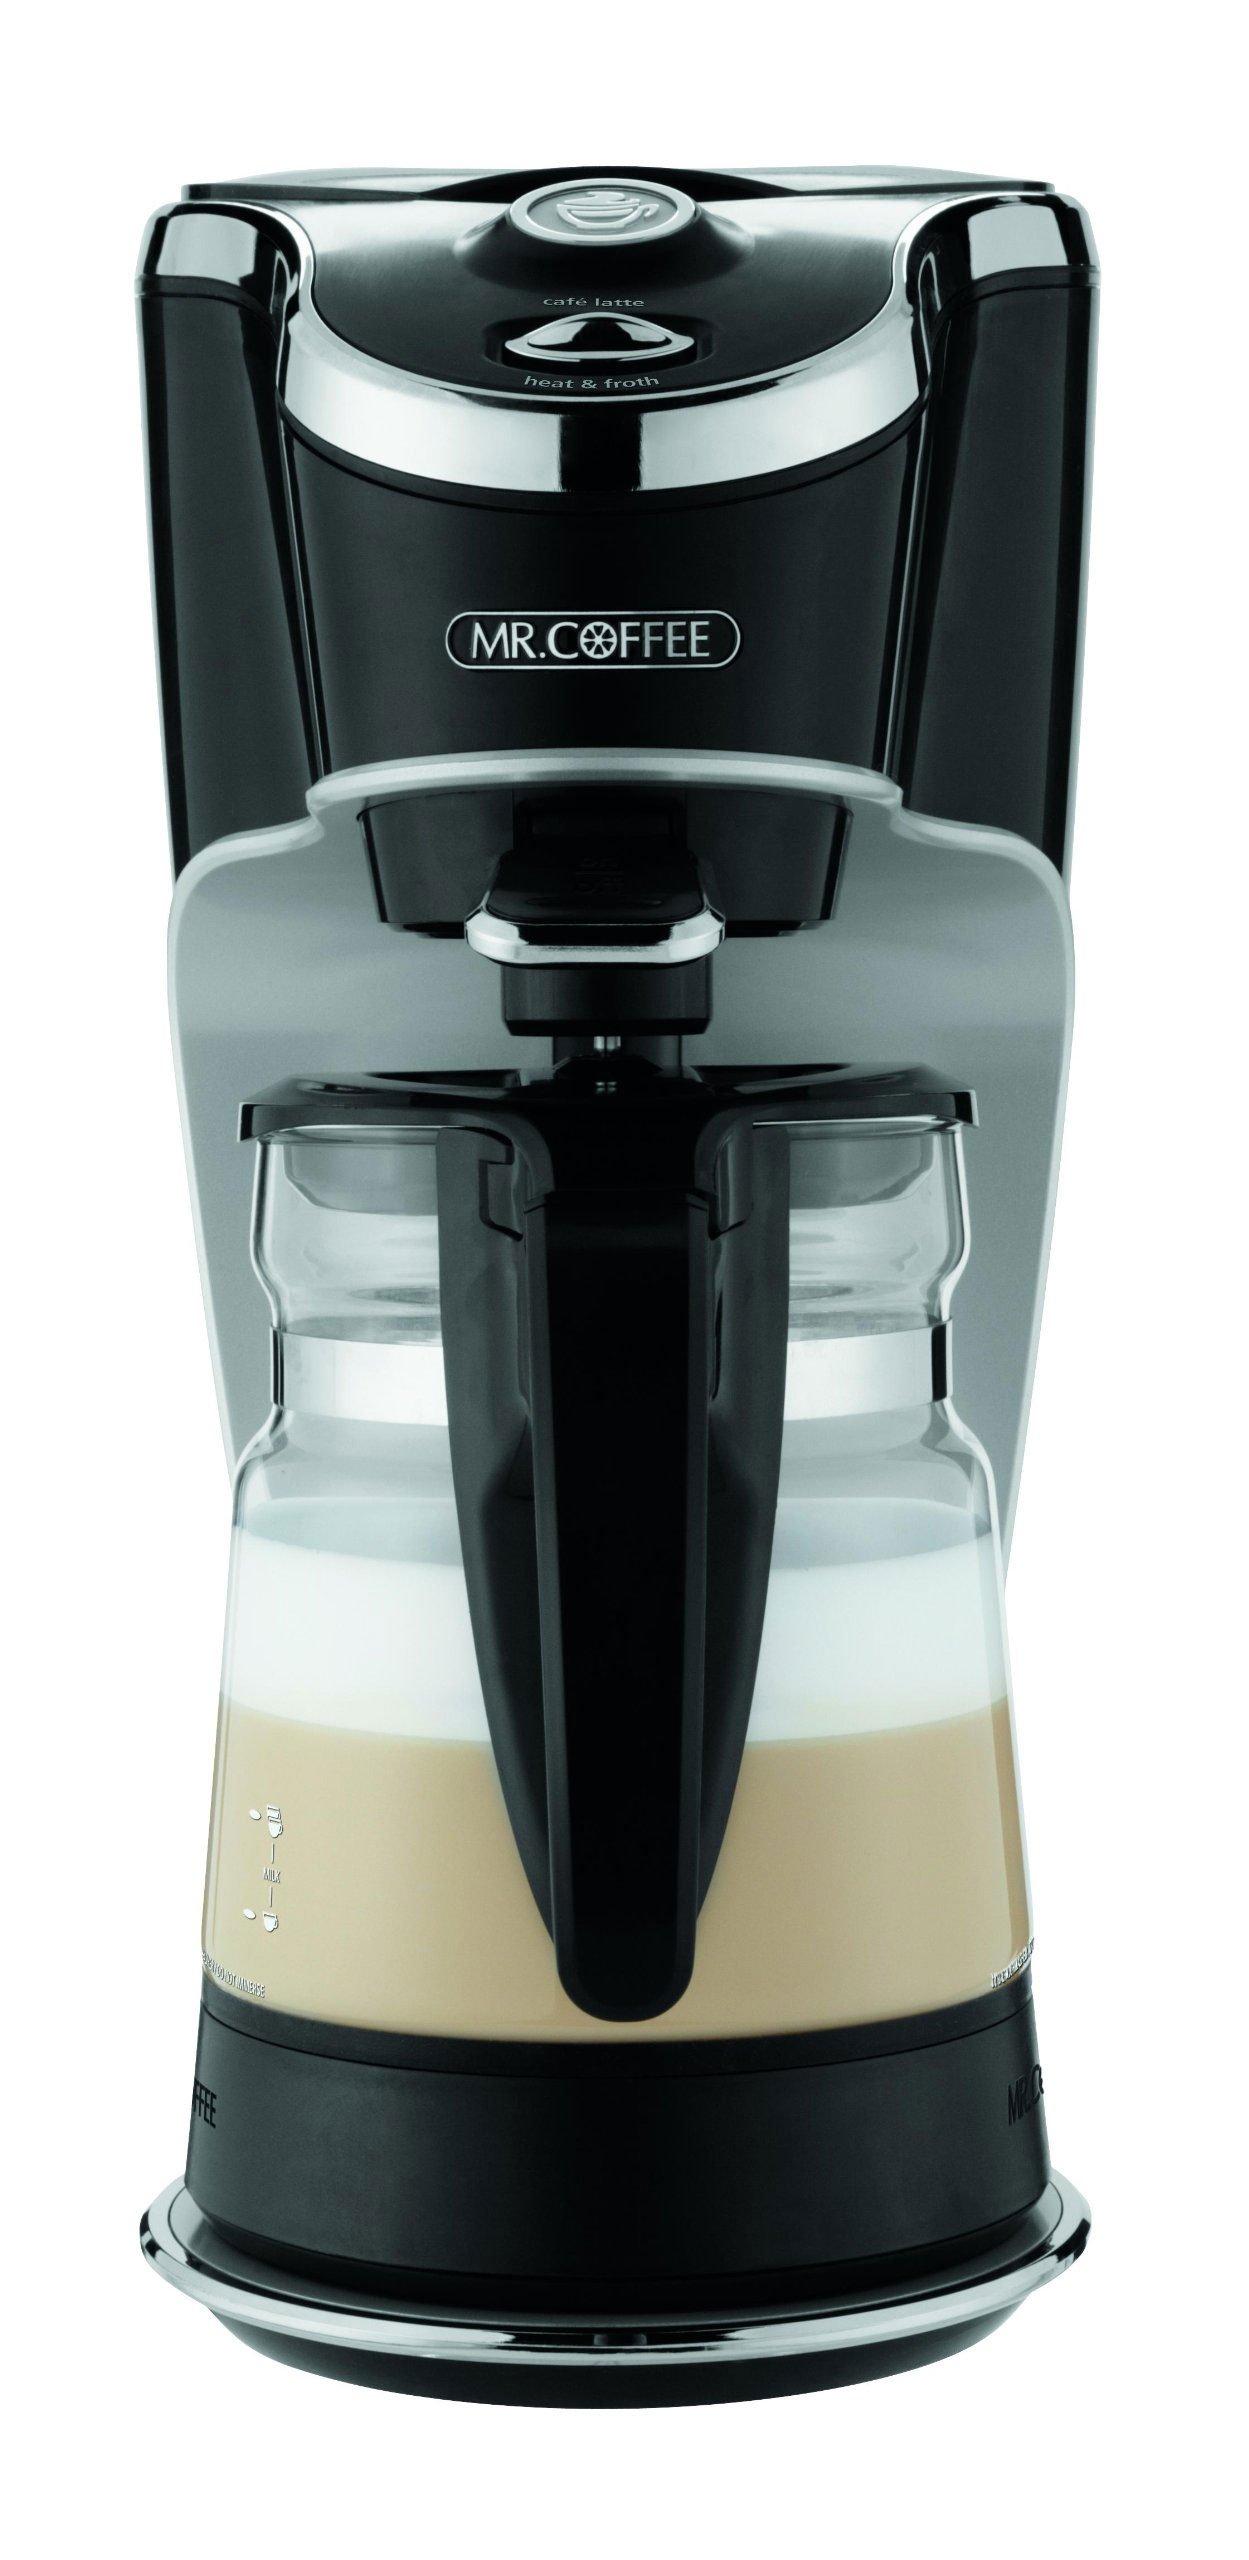 Mr Coffee Latte Maker Bvmc El1 : Mr. Coffee BVMC-EL1 Cafe Latte 72179231905 eBay